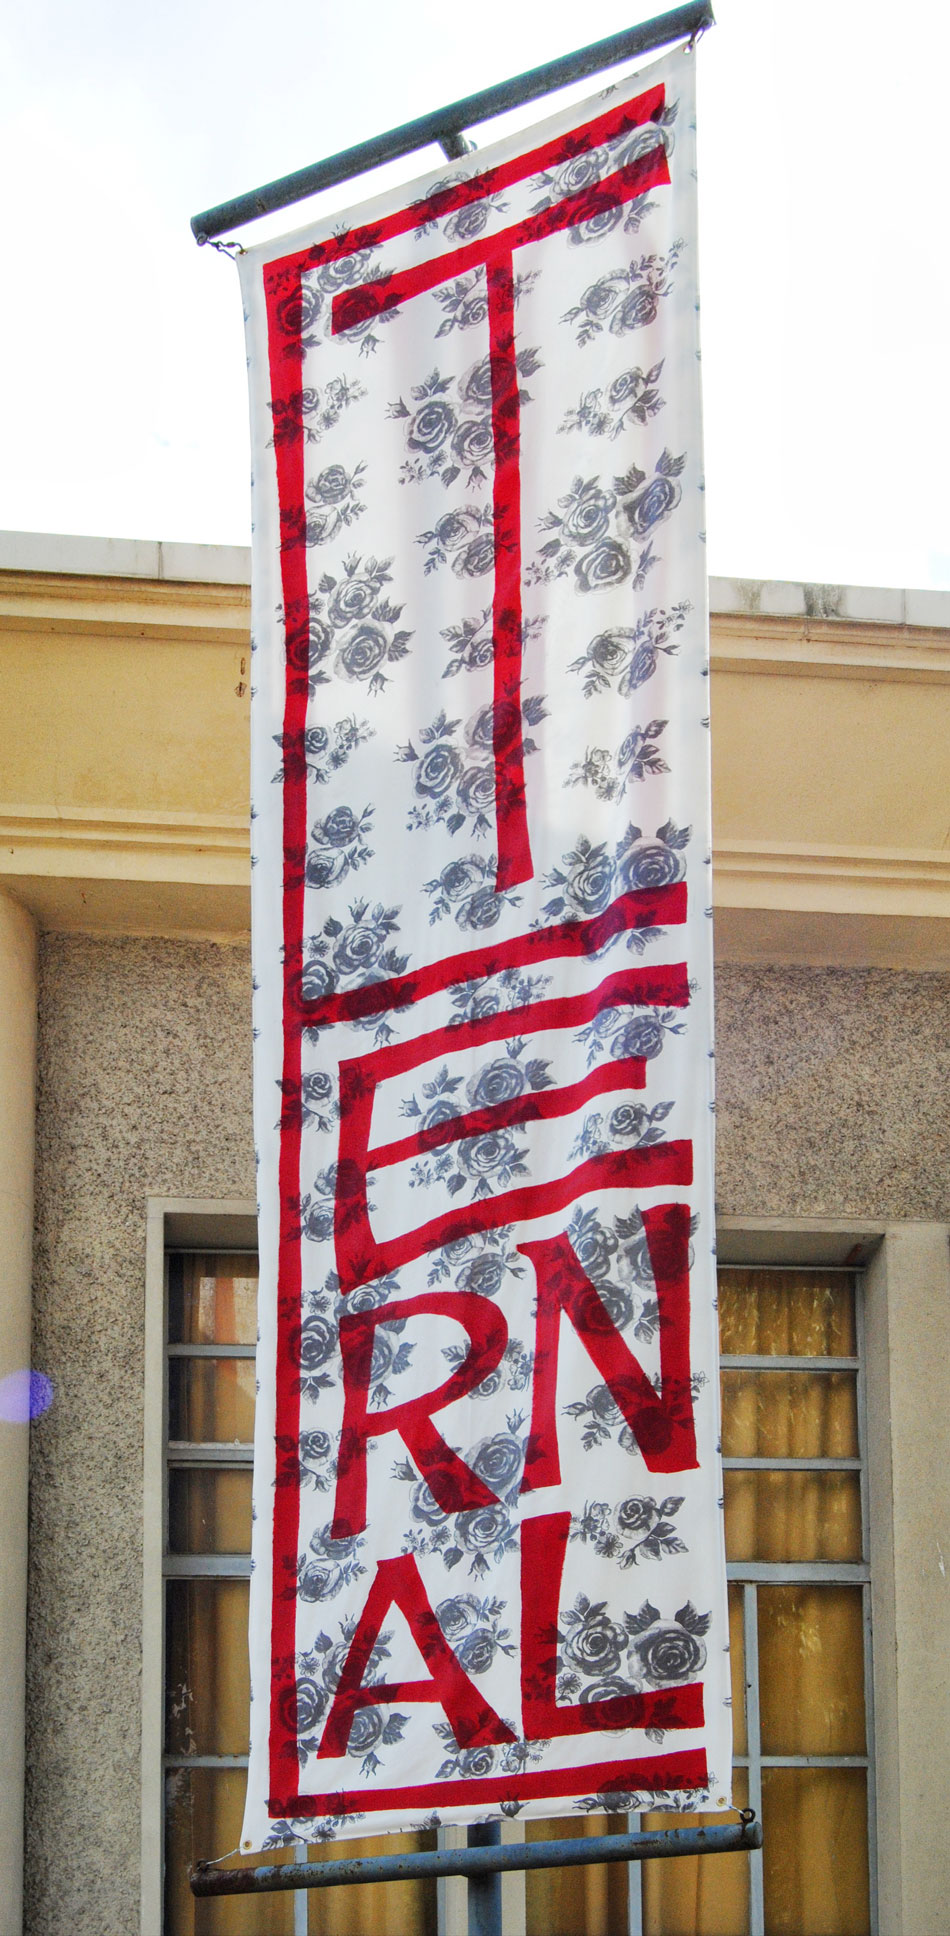 Oriflamme pour Eternal Tour conçu en collaboration avec Donatella Bernardi pour l'exposition «Eternal Viet Nam» organisée par Emma Perrochon et Frédéric Sanchez à La Grande Orangerie, Dijon.